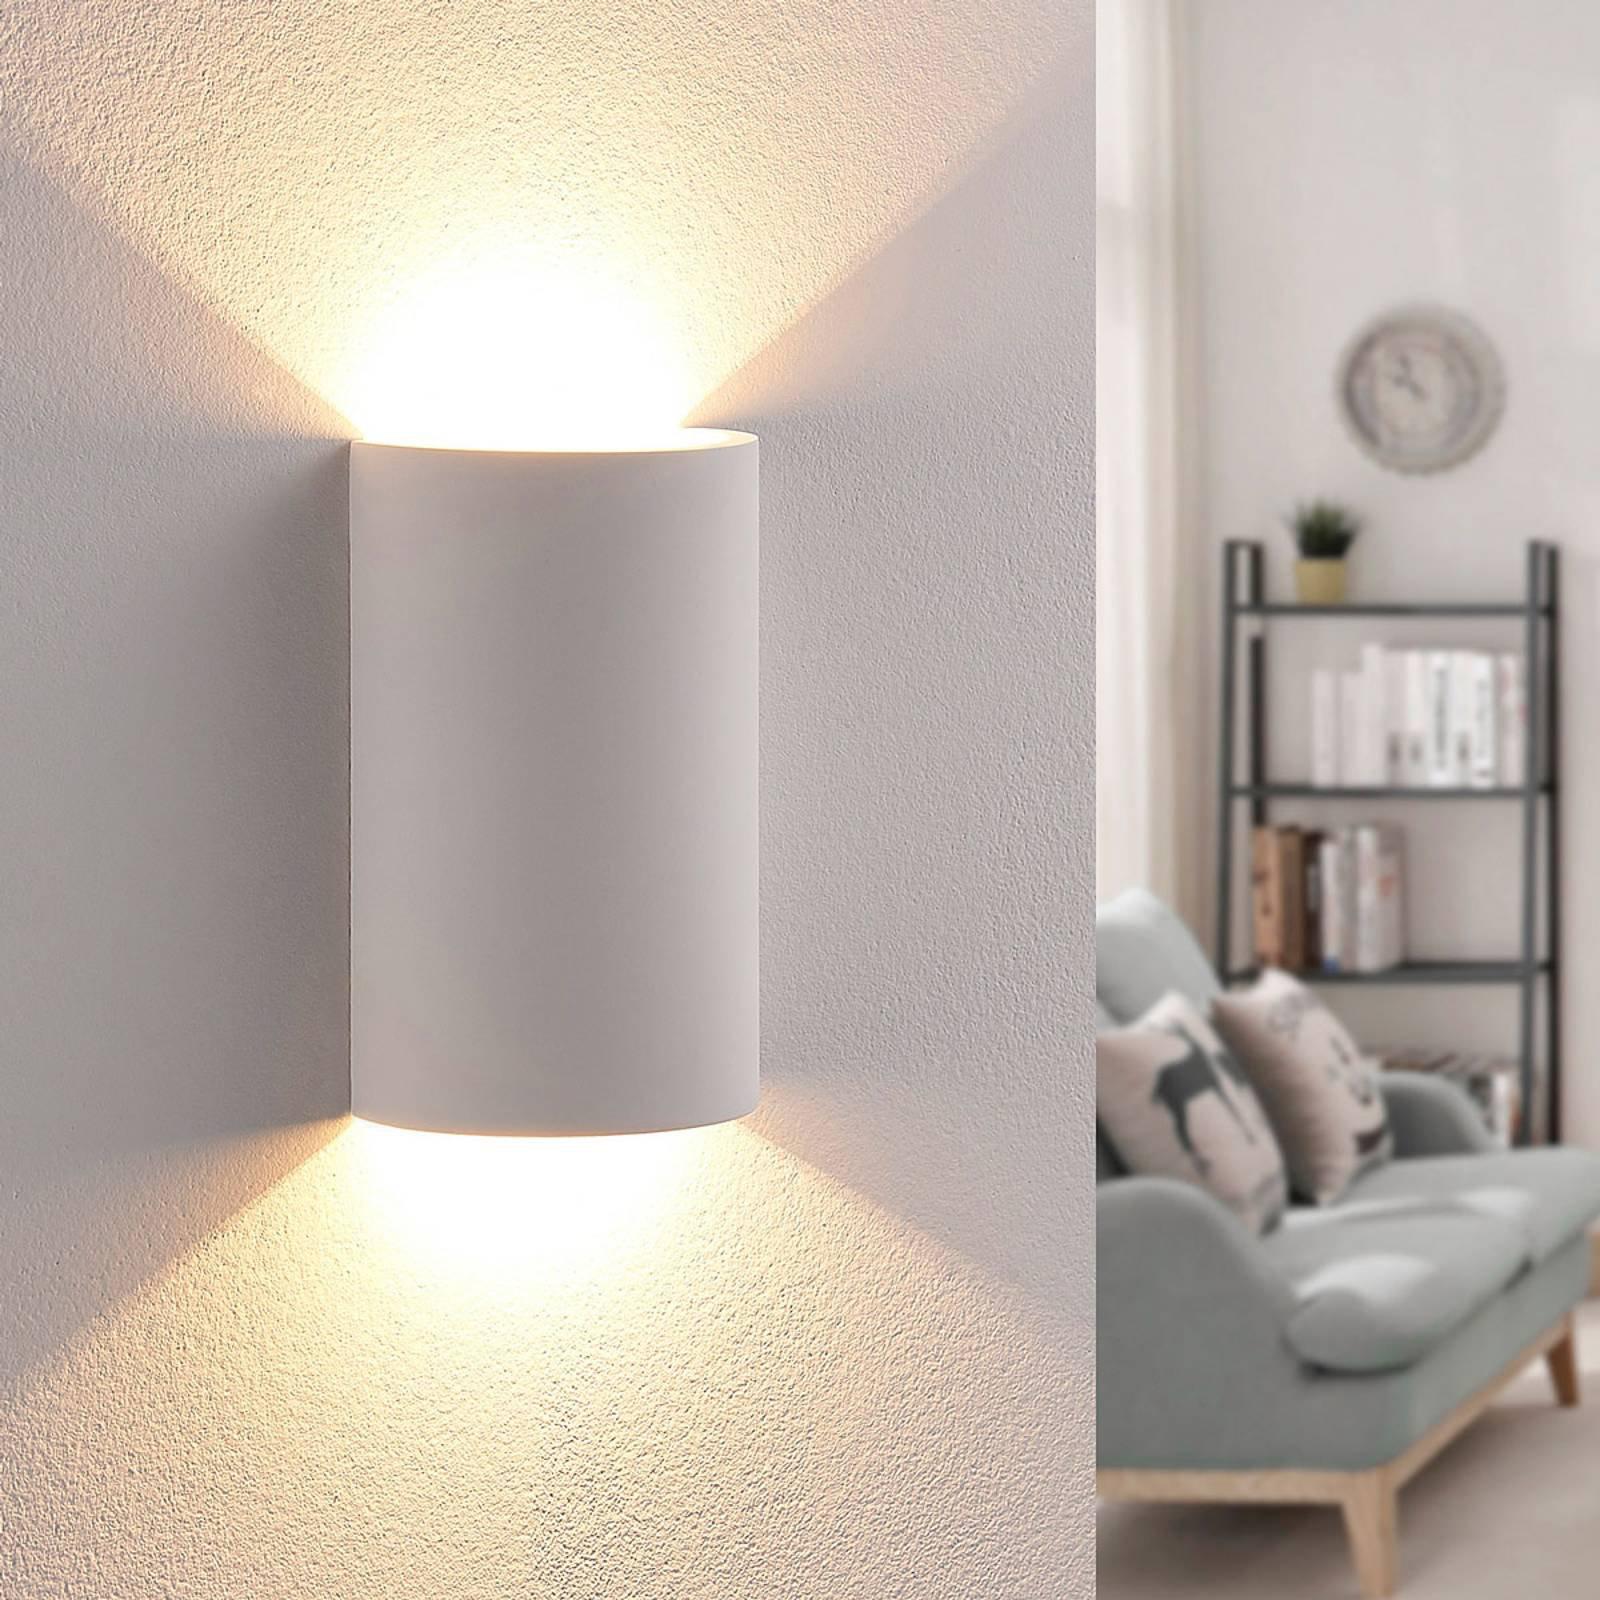 LED-vegglampe i gips med effektfull utstråling